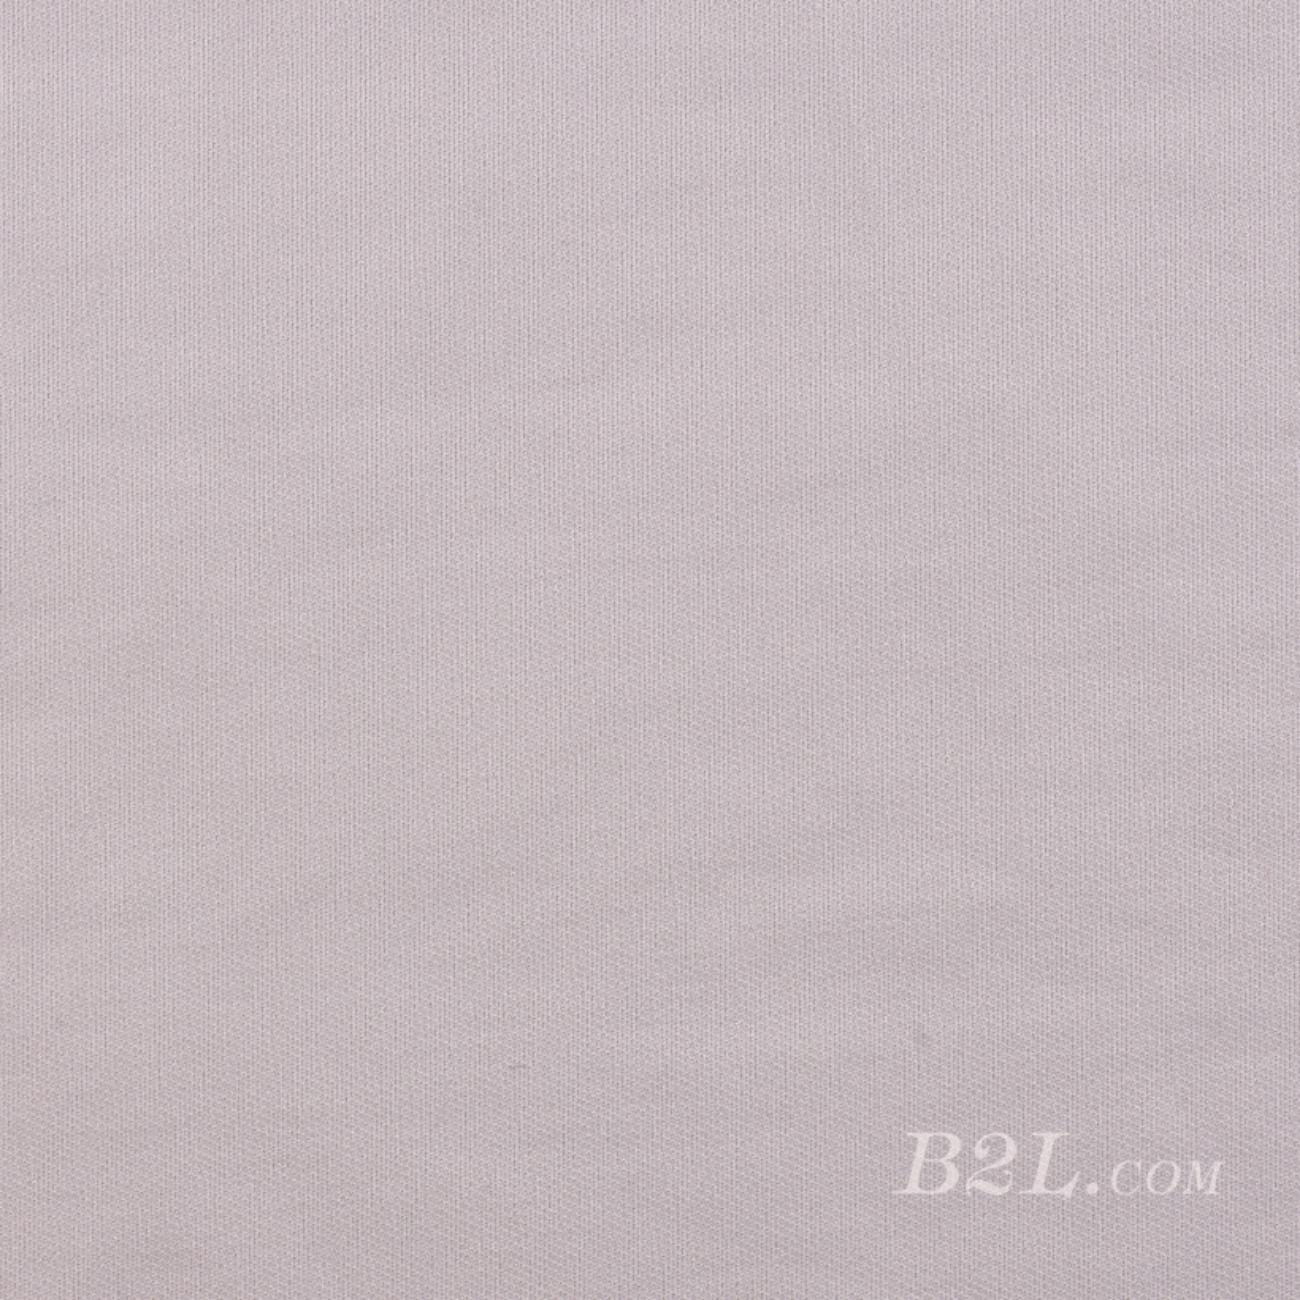 針織染色素色面料-春秋休閑服褲裝面料91123-7